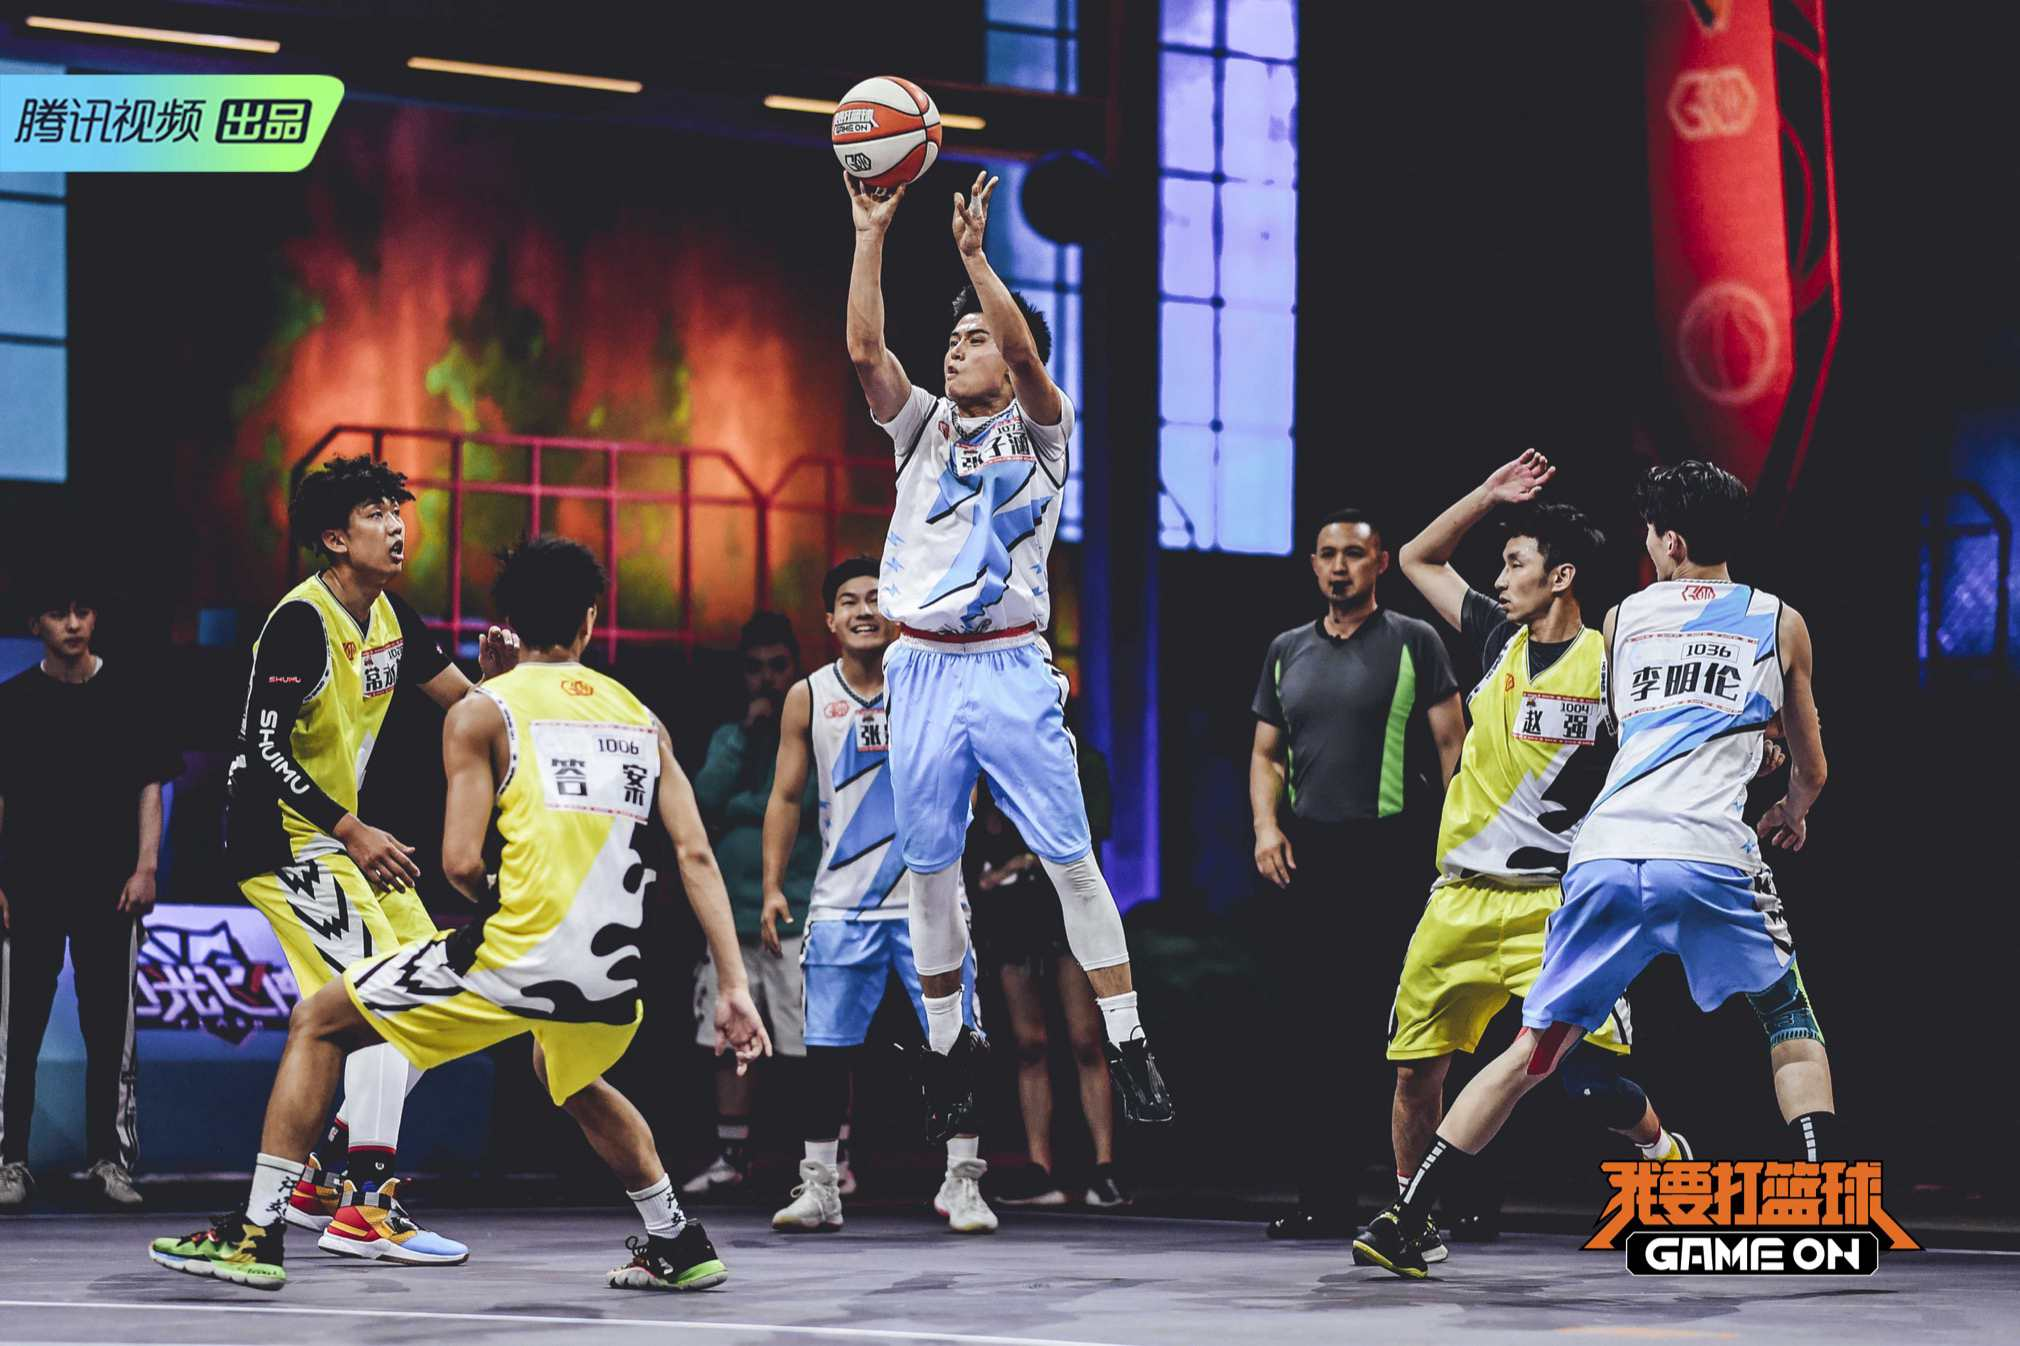 篮球赛场激情对抗.jpg